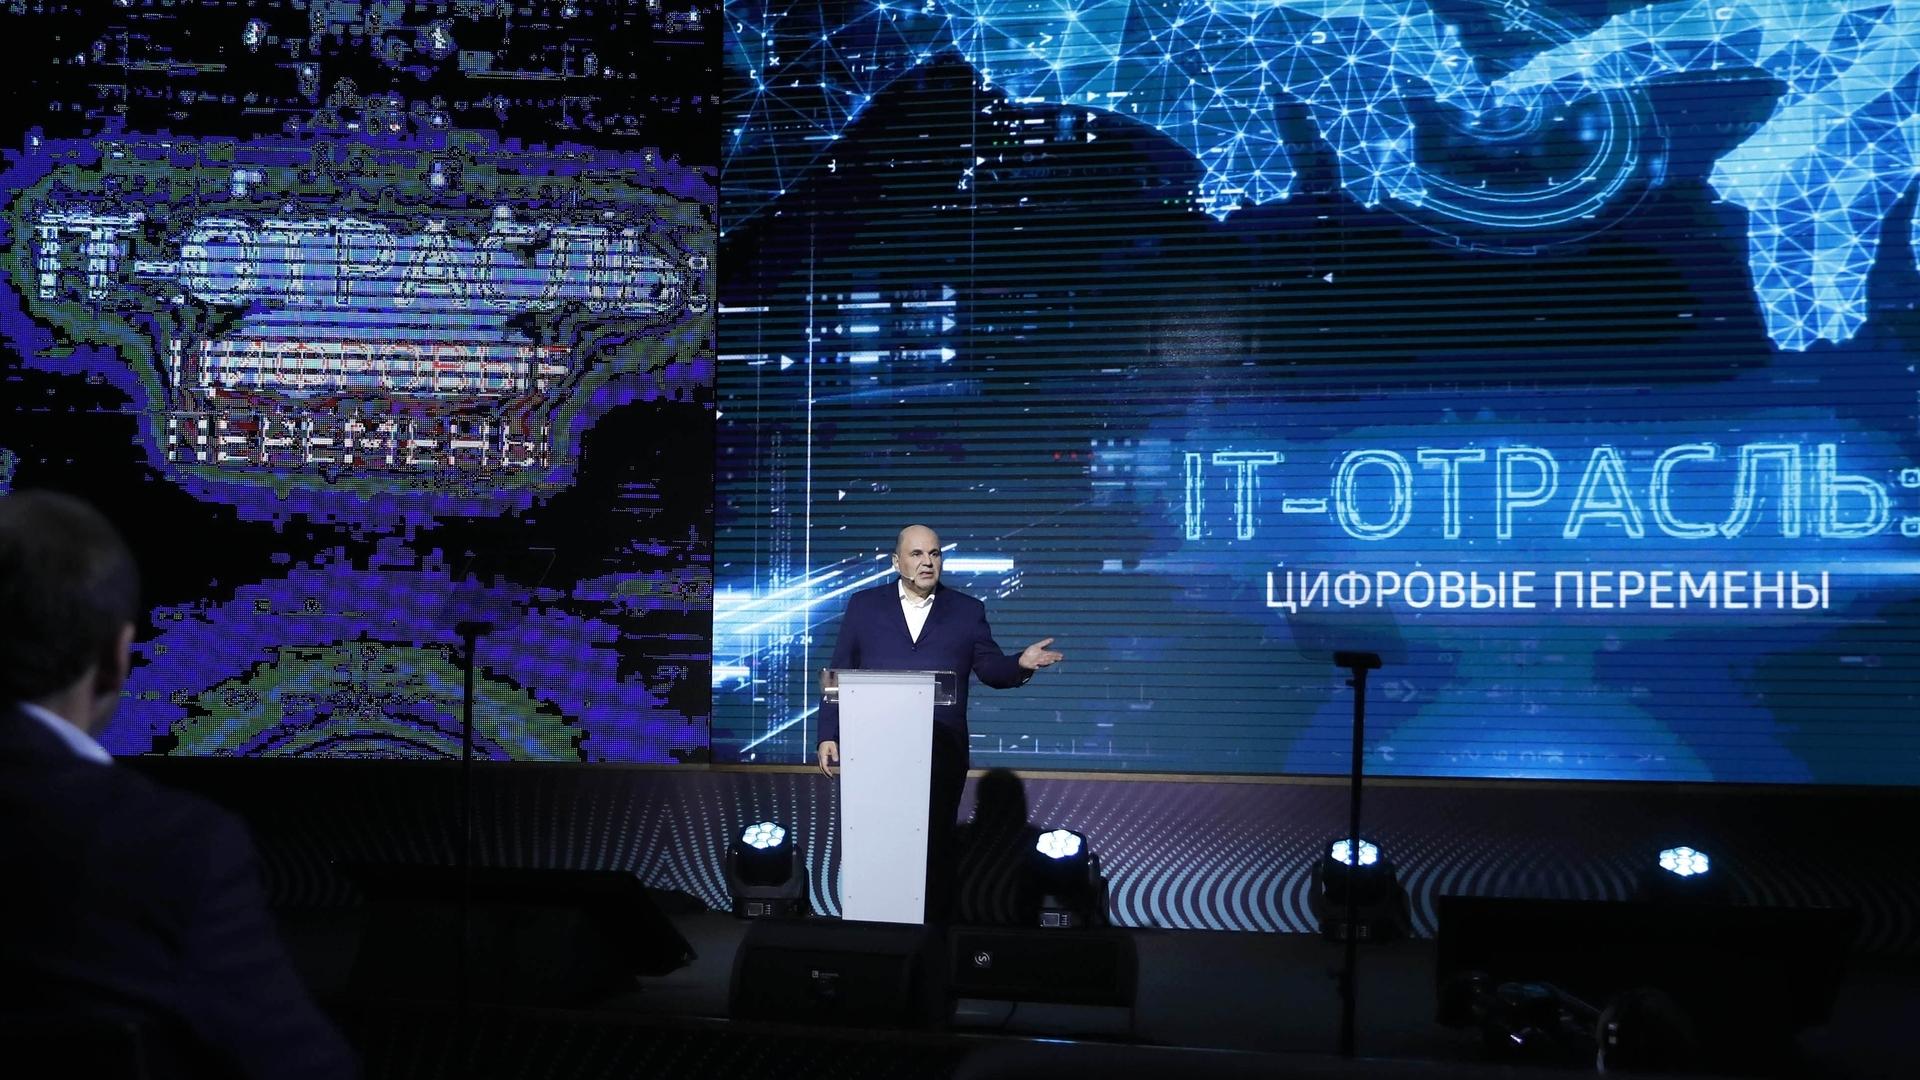 Панельная дискуссия с участием представителей IT-индустрии. Иннополис, Республика Татарстан